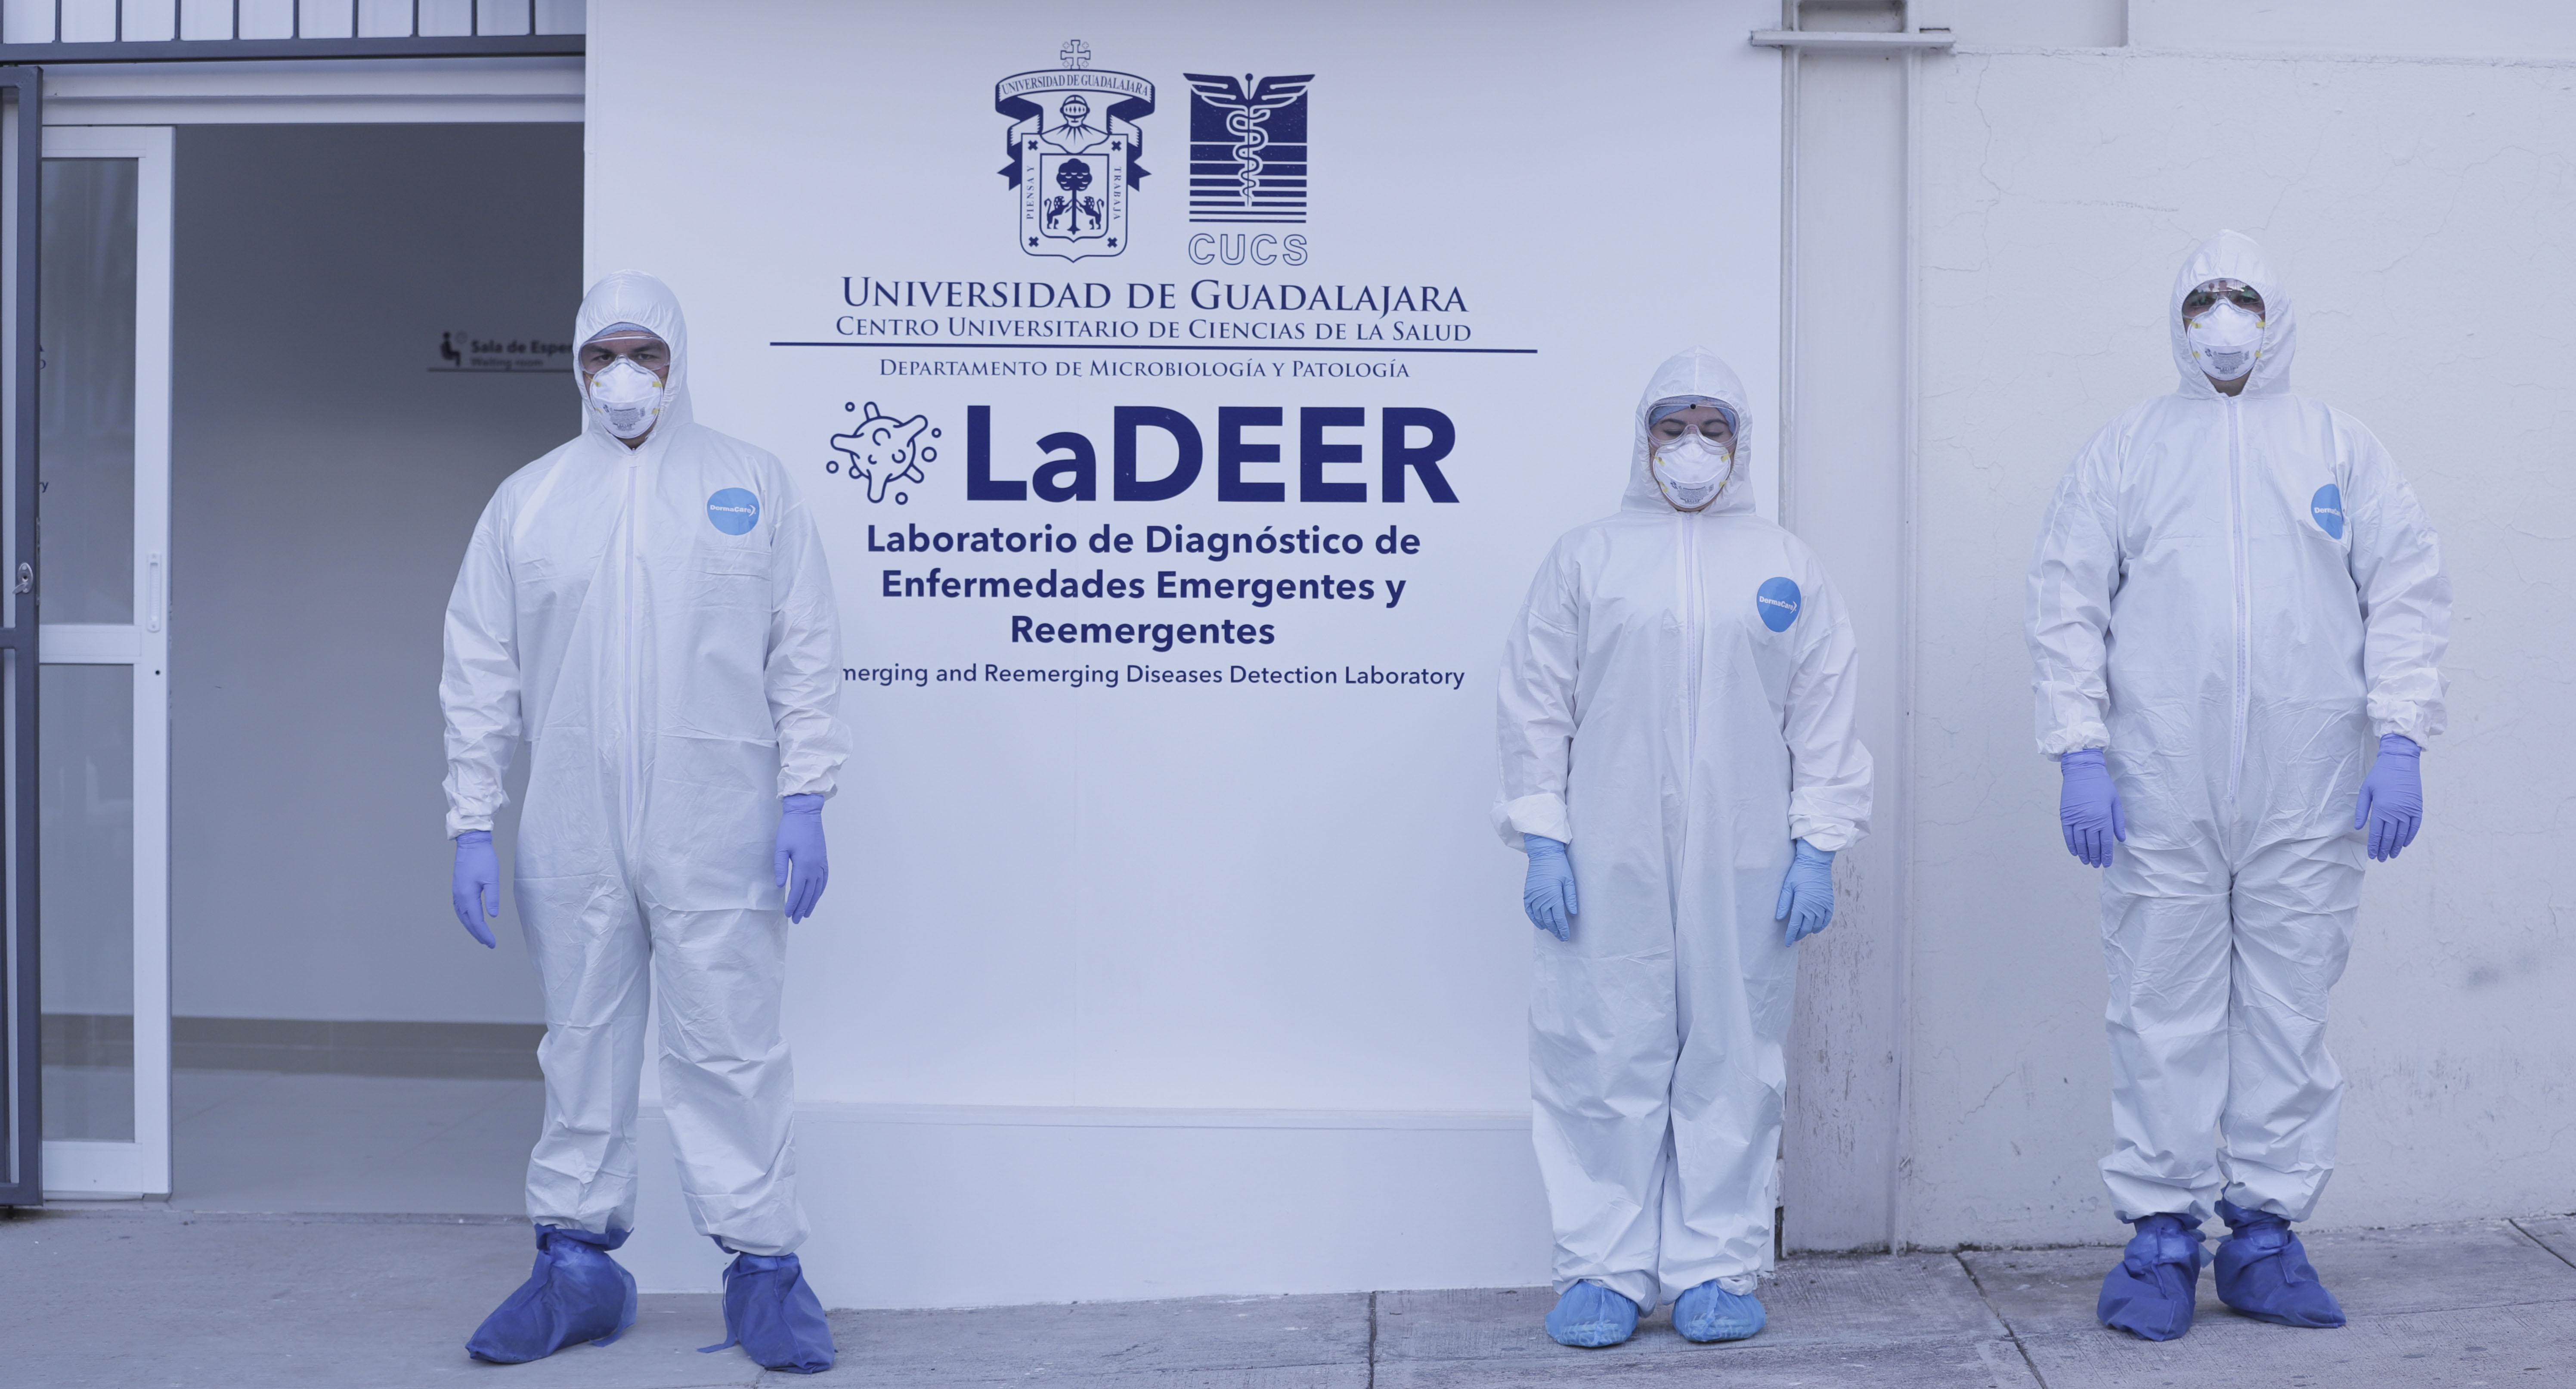 Medicos con traje especial afuera del laboratorio